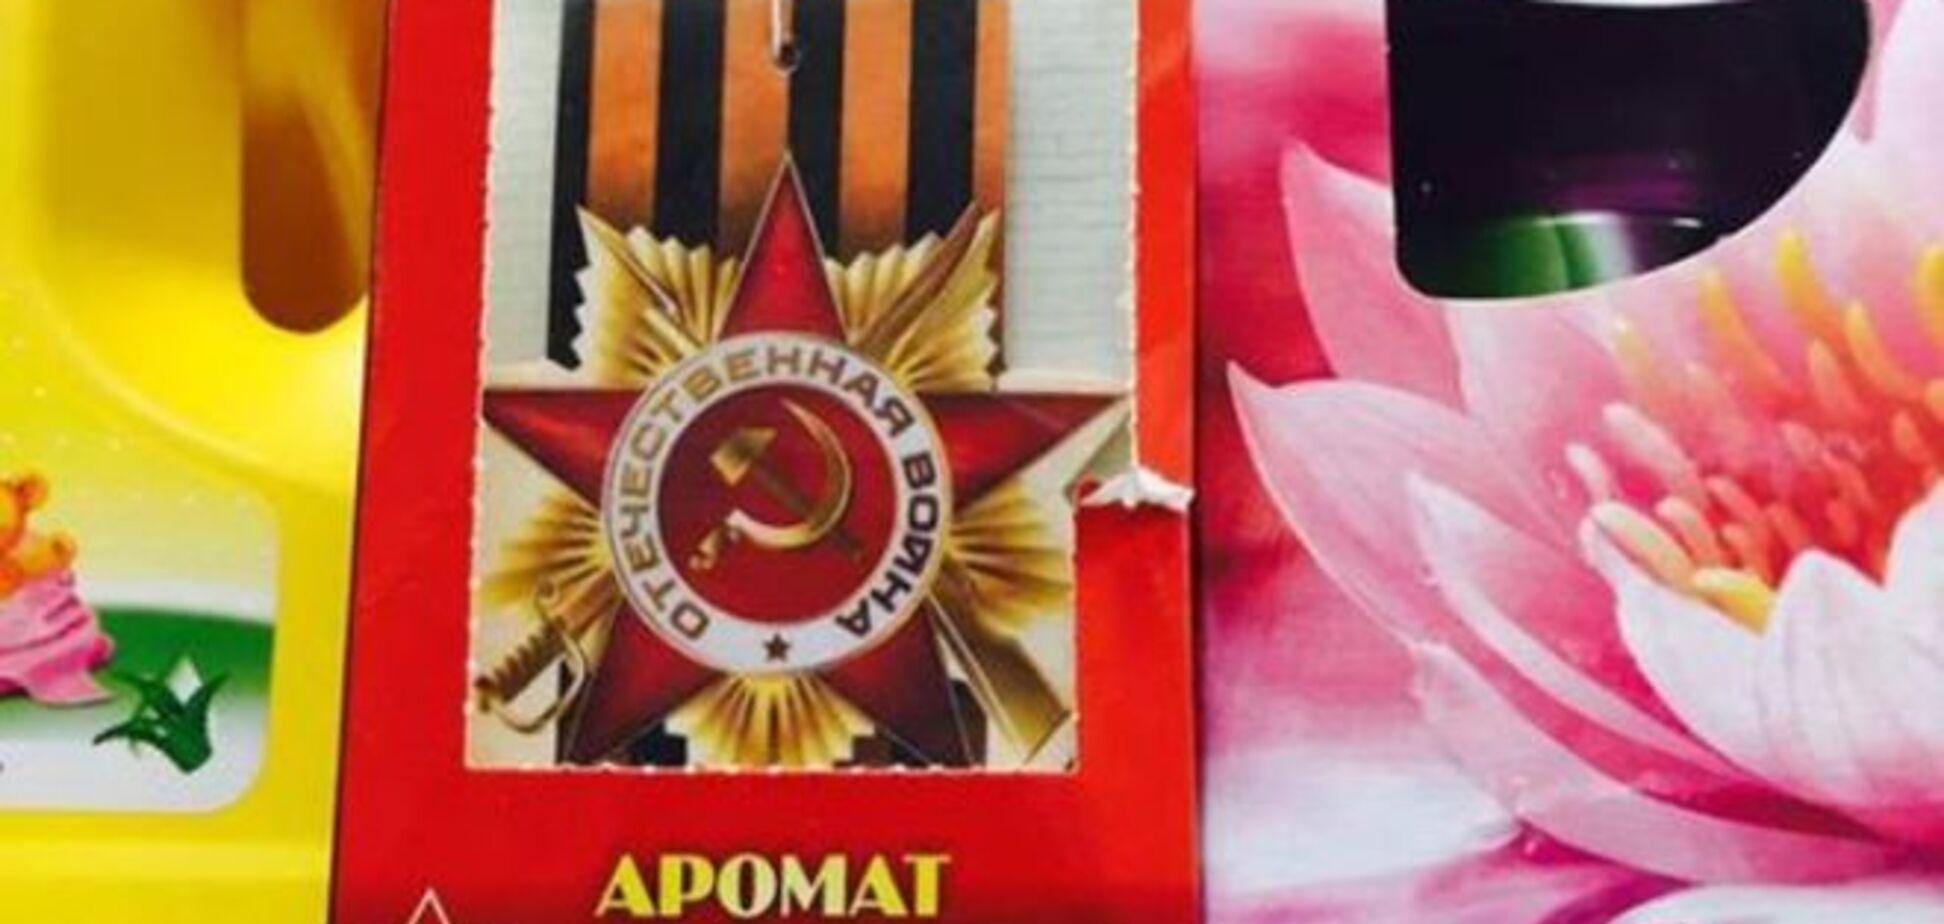 Порохом пропах? В России появились освежители воздуха с 'ароматом Победы': фотофакт